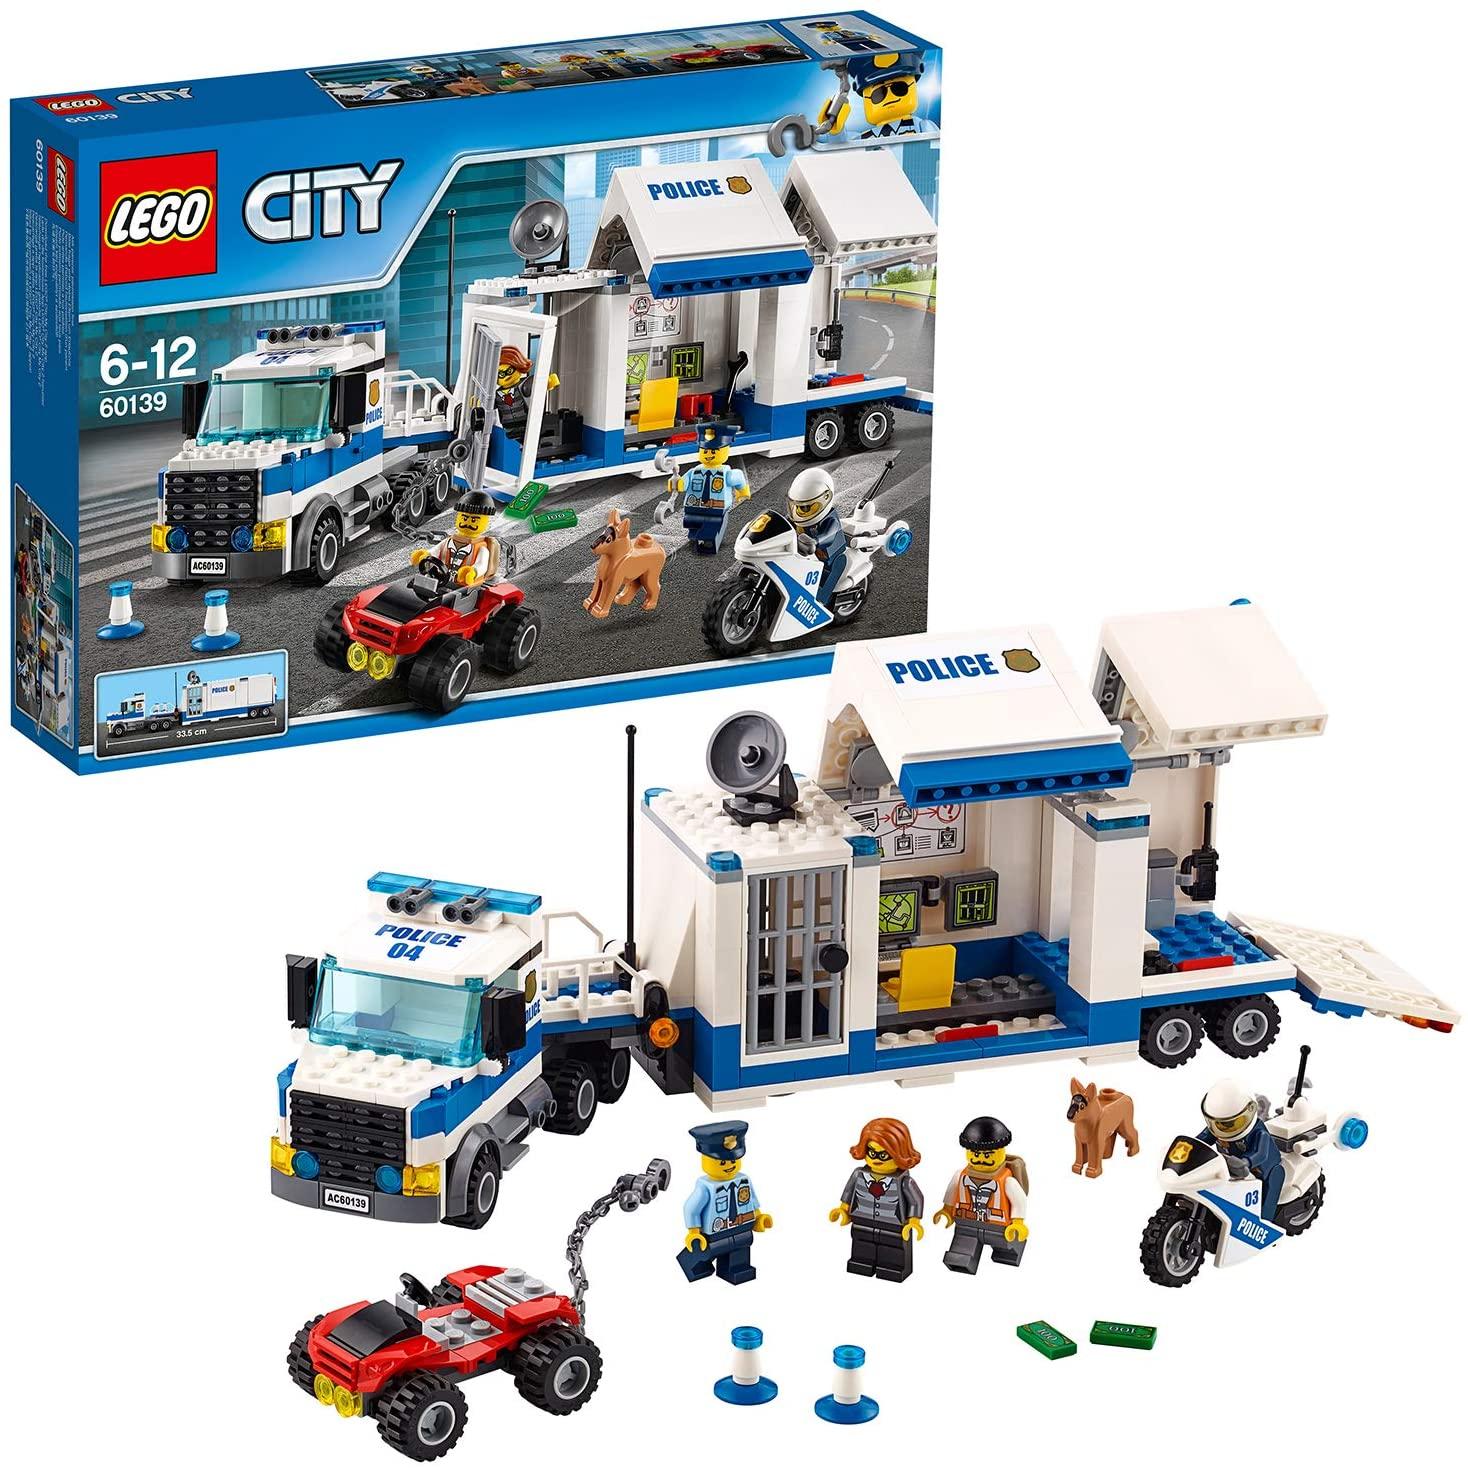 Centro control Lego City solo 23.5€